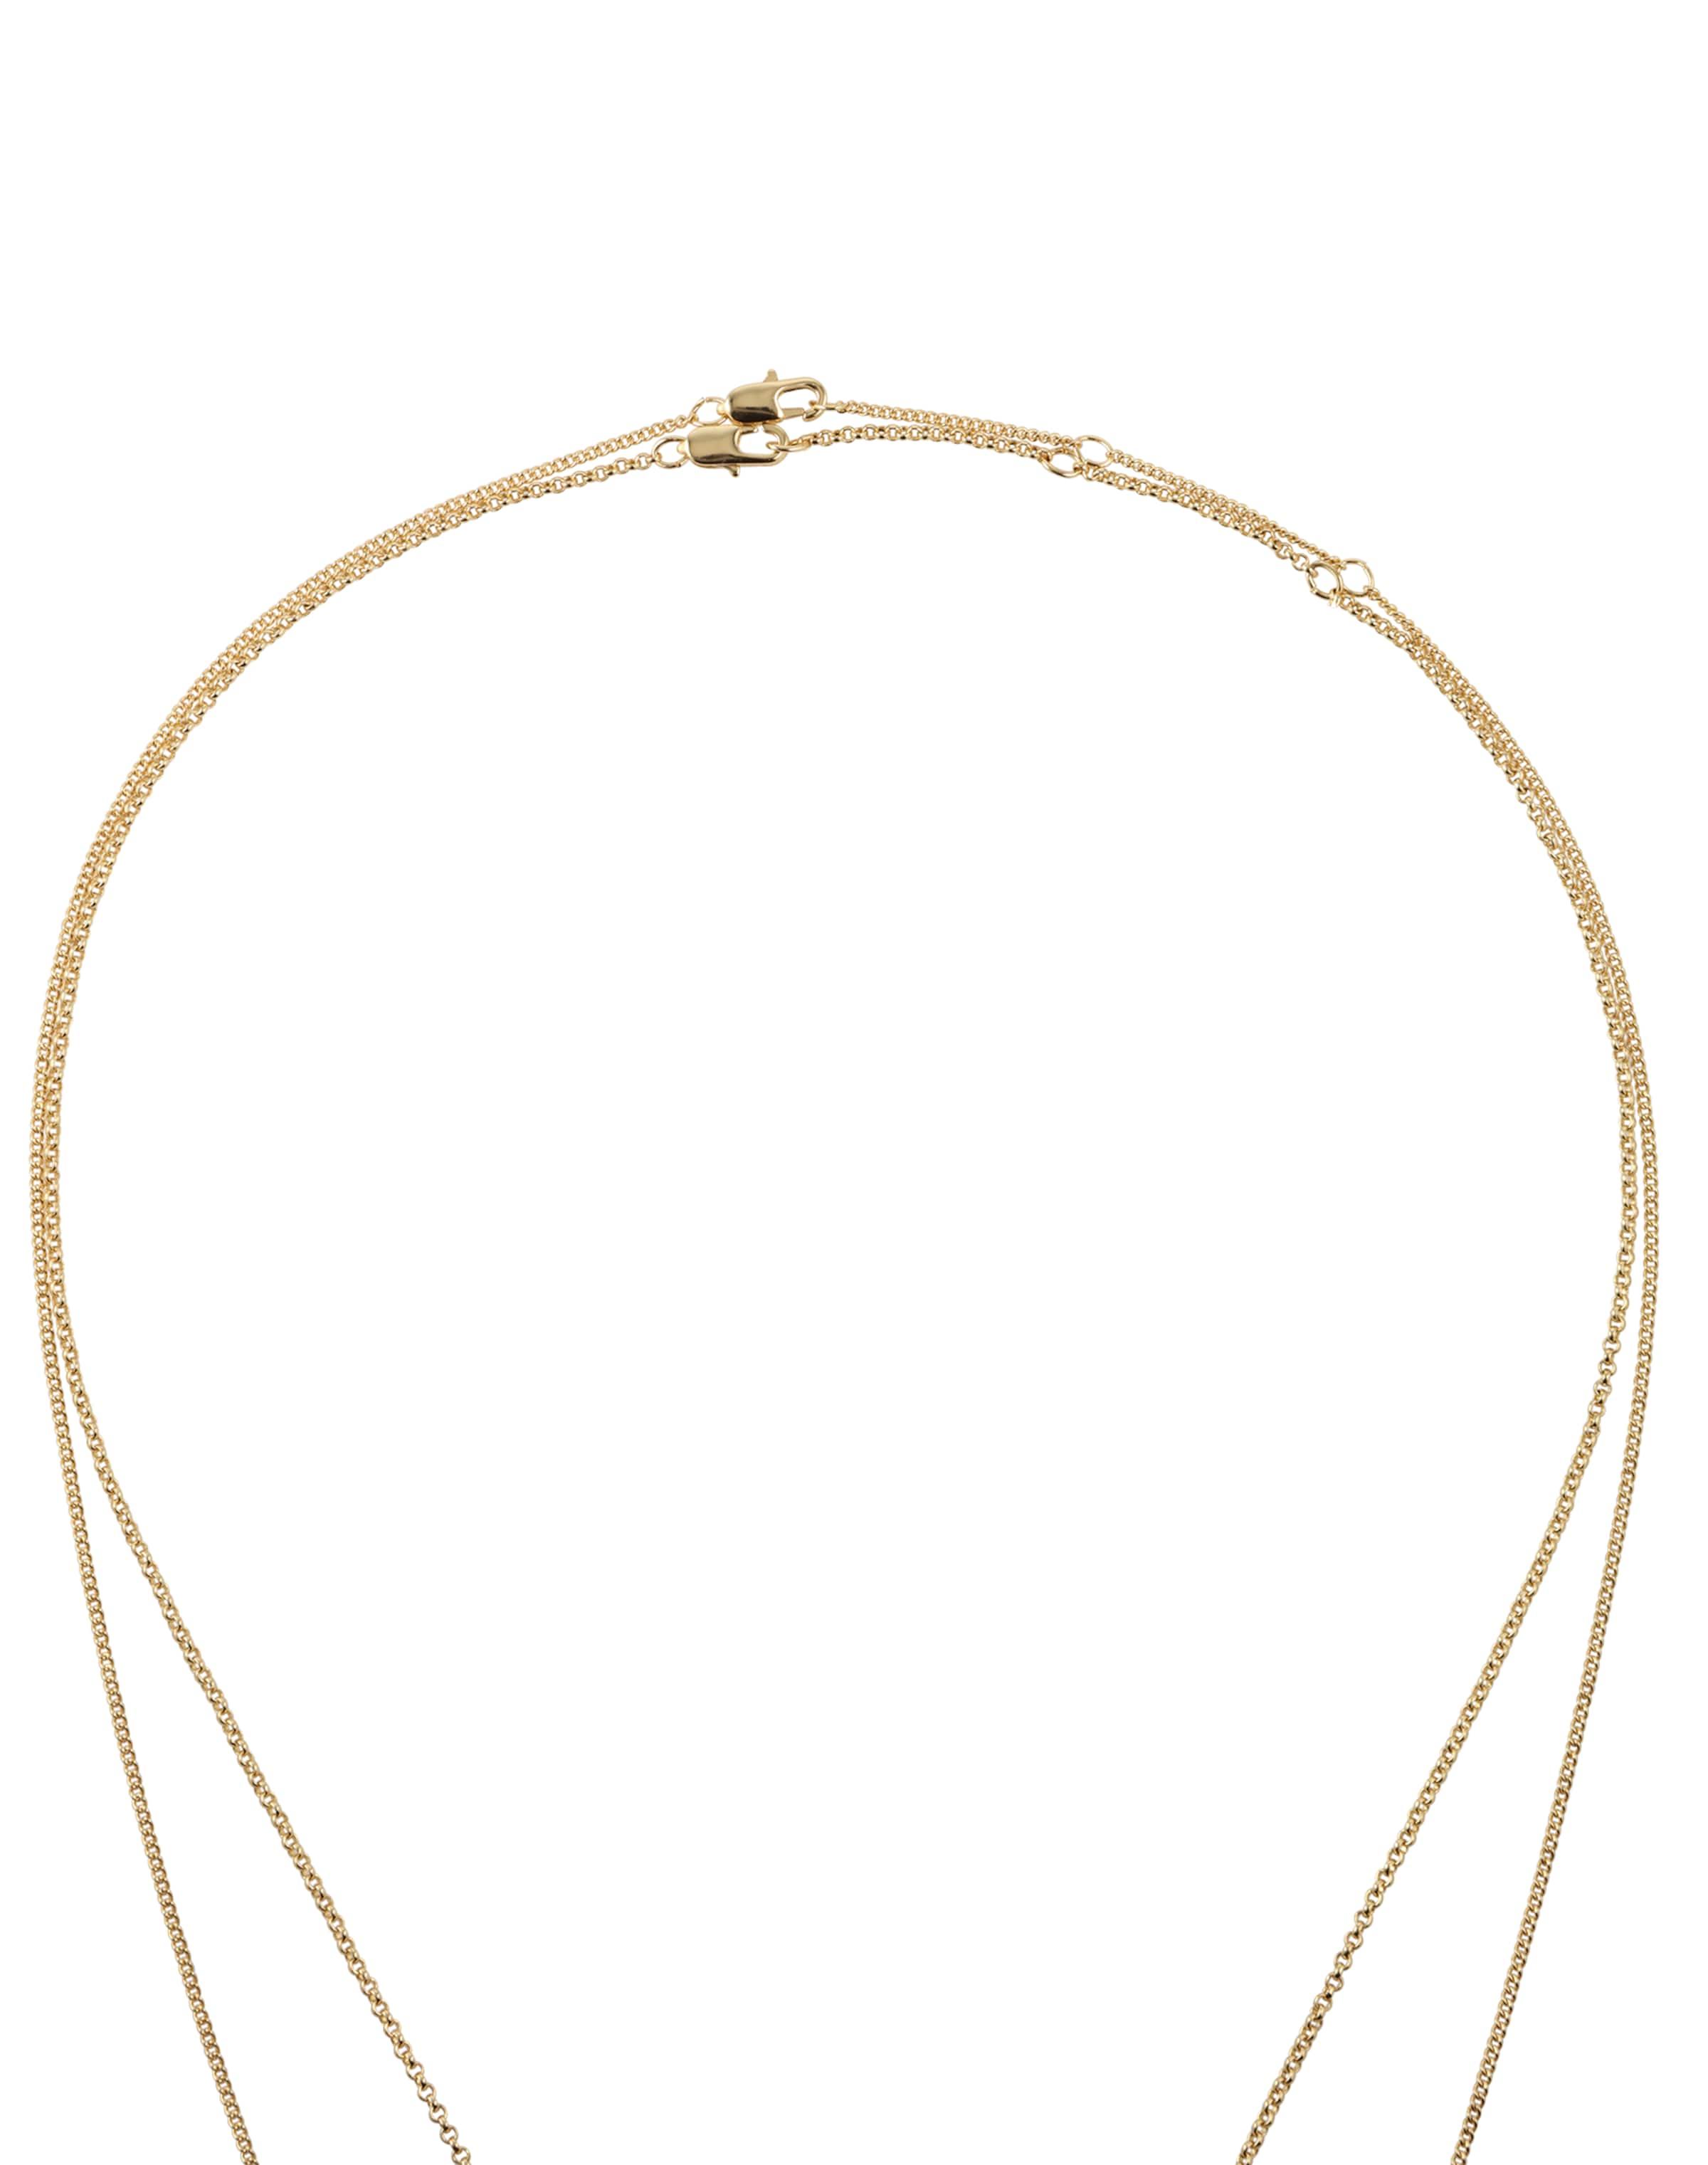 PIECES Halsketten-Set 'Pcnepala' Verkauf Große Überraschung A45Nj